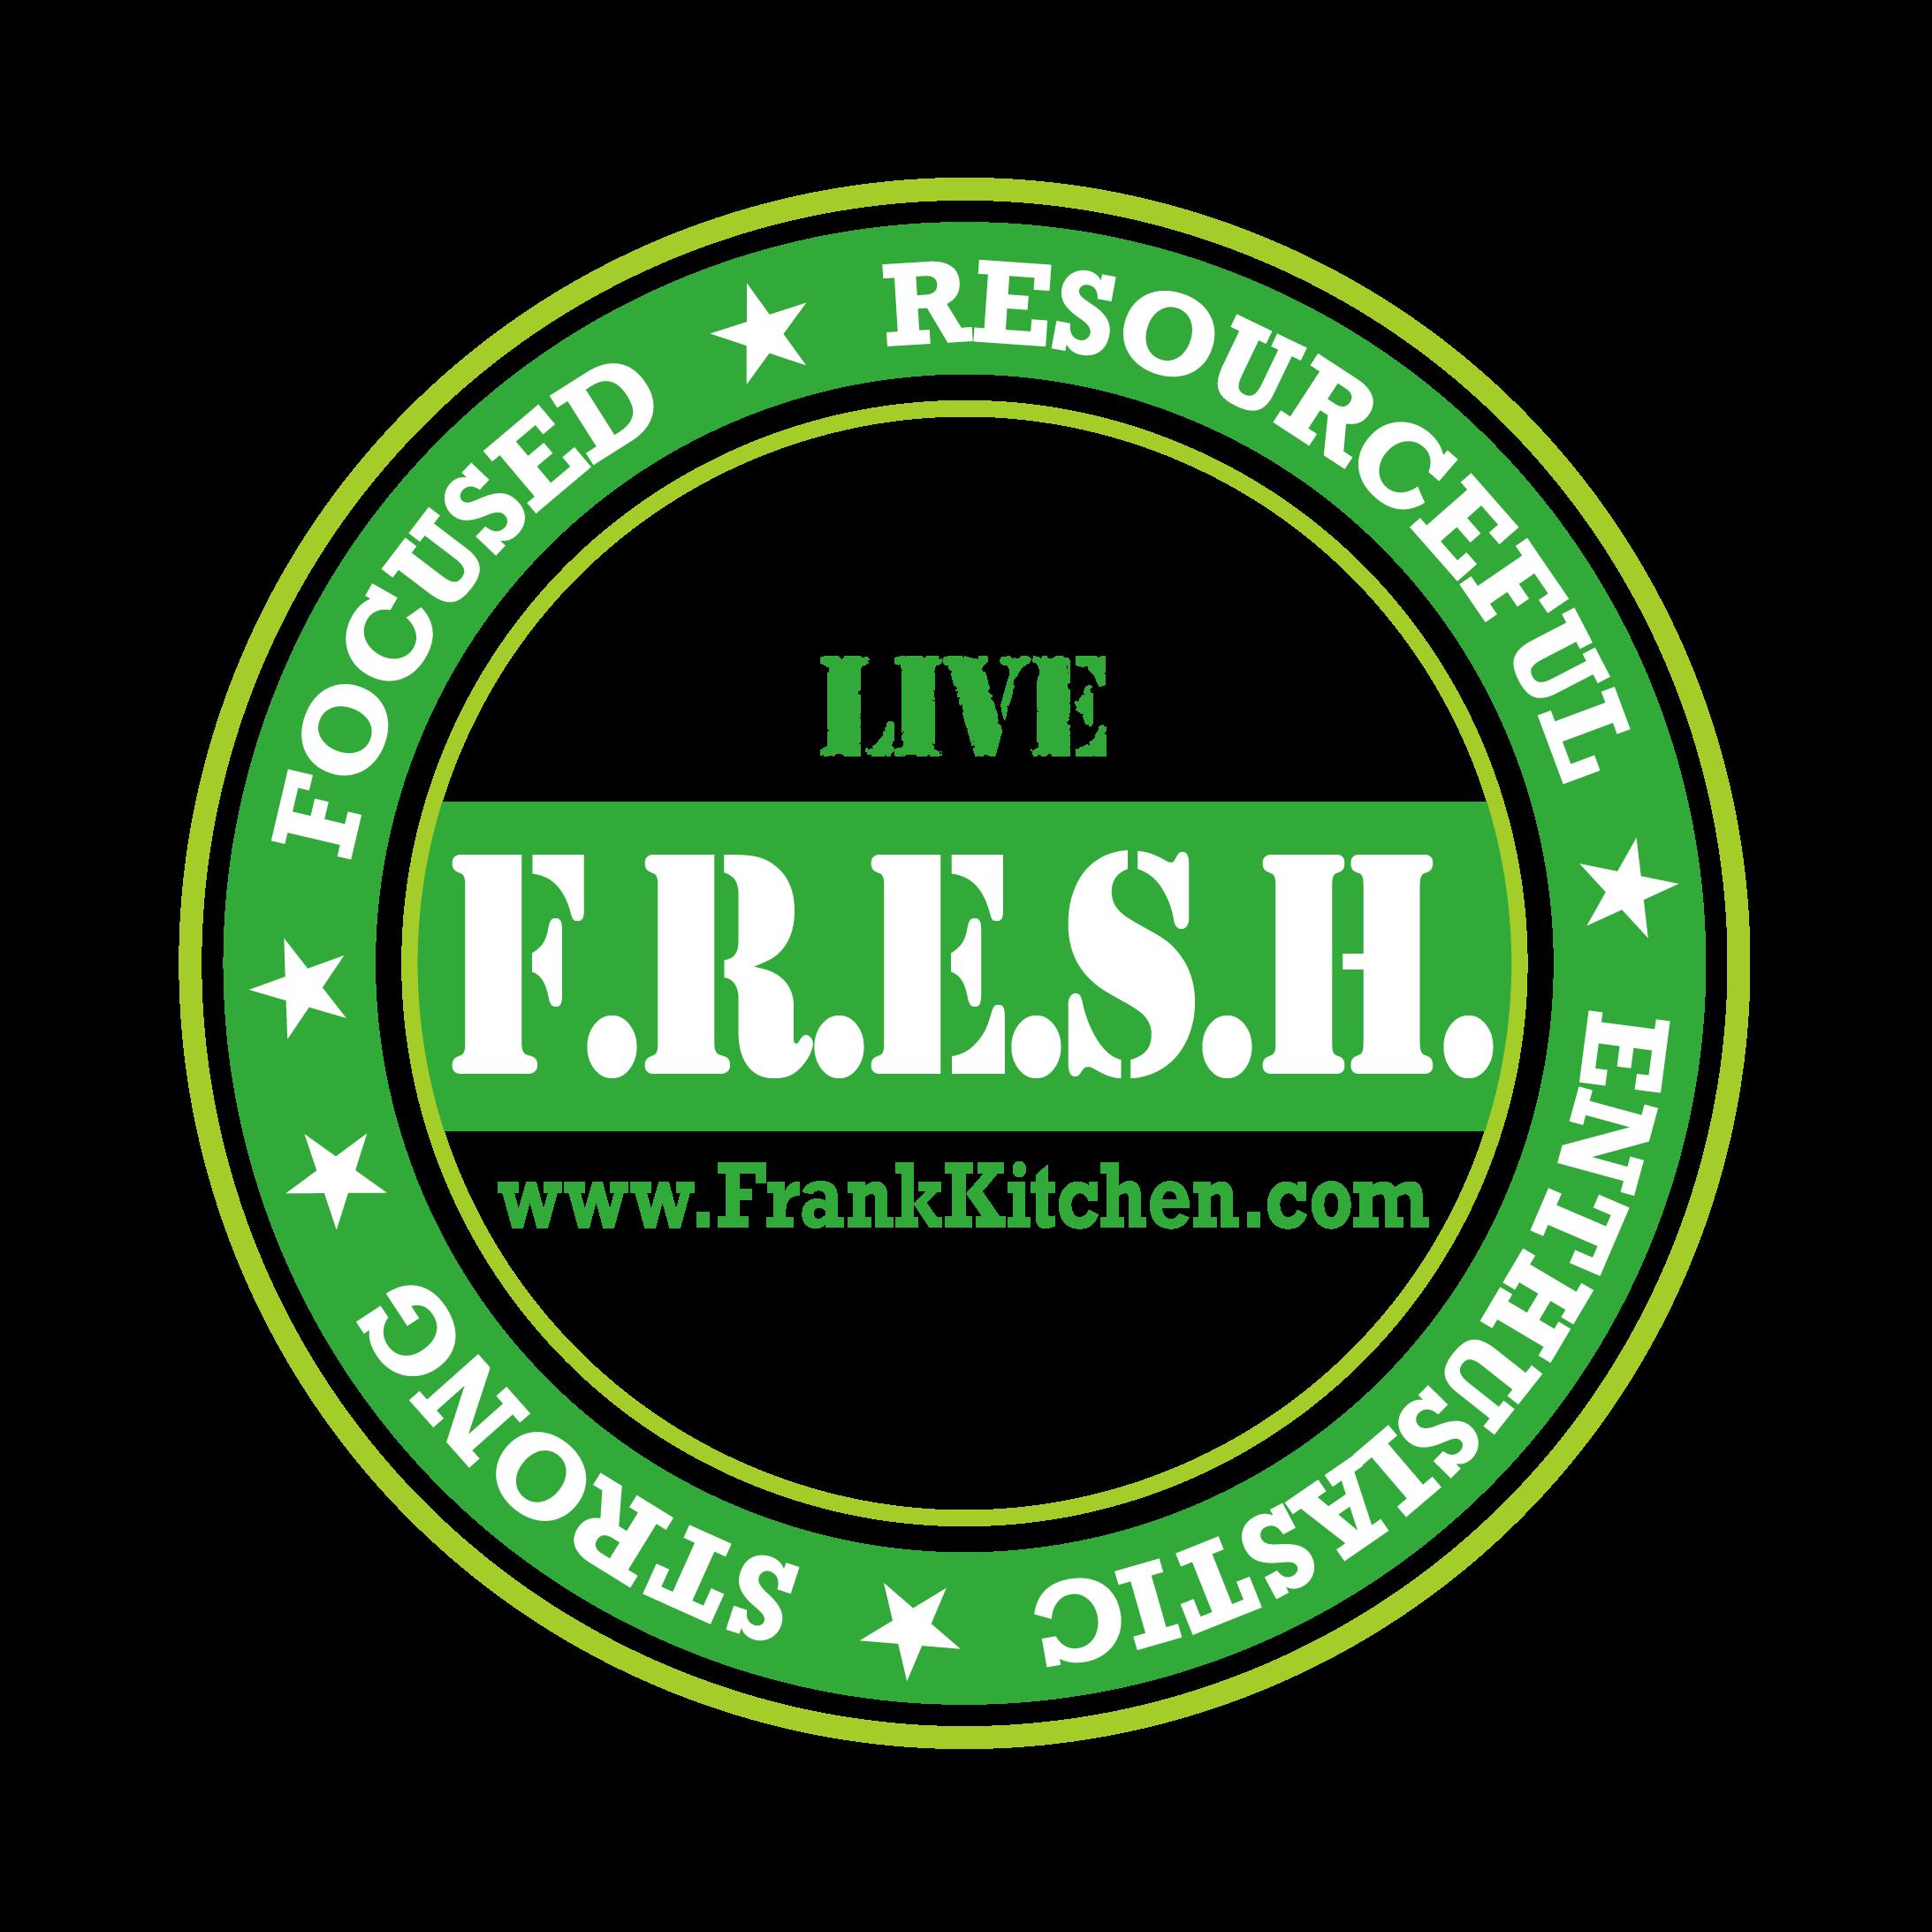 liveFRESHcircle.png